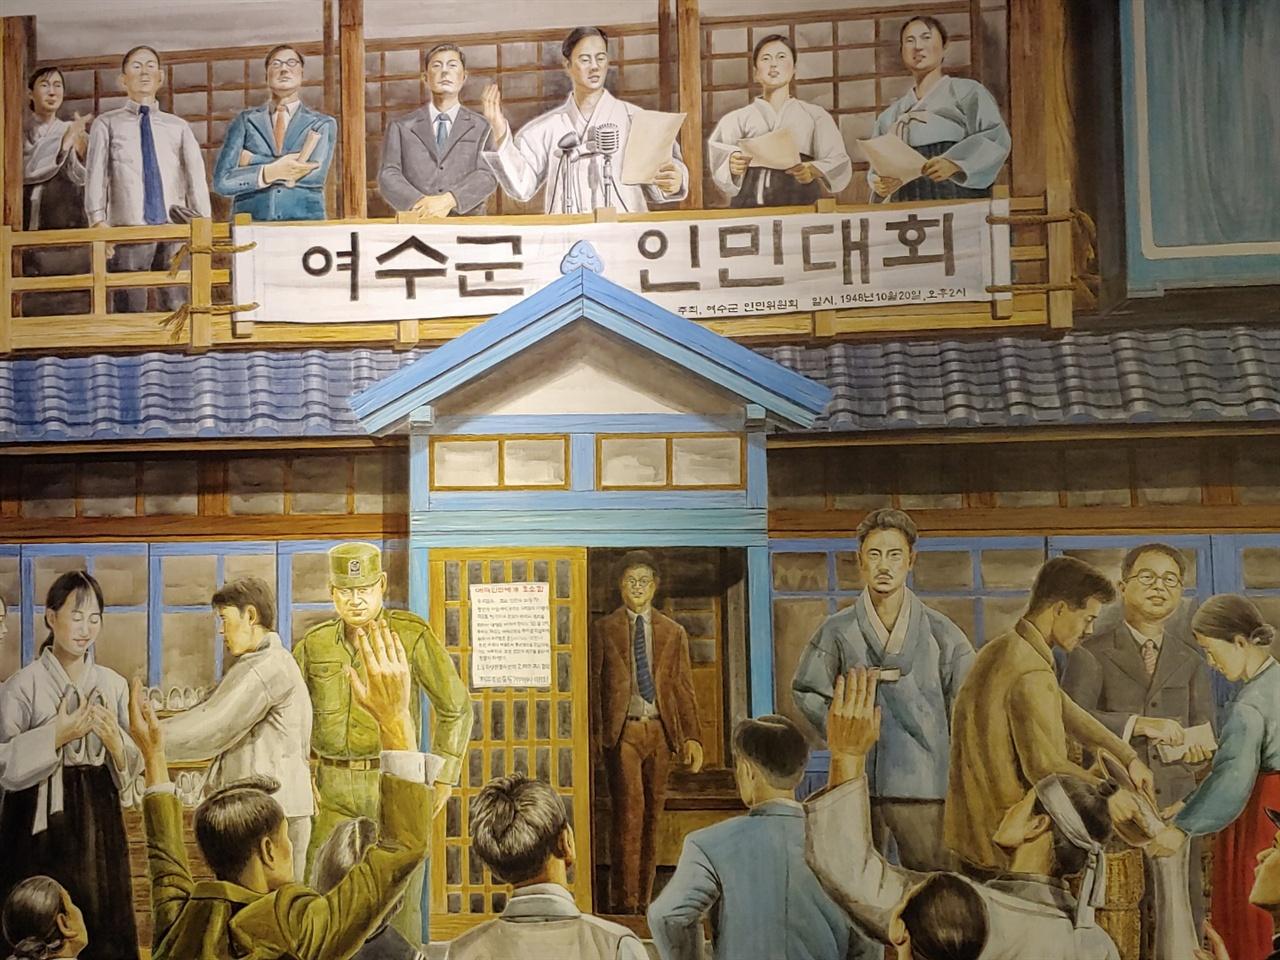 여순항쟁 유가족 박금만 화가의 작품중 가장 기억에 남는다는 여순항쟁 당시 여수군 인민대회의 모습